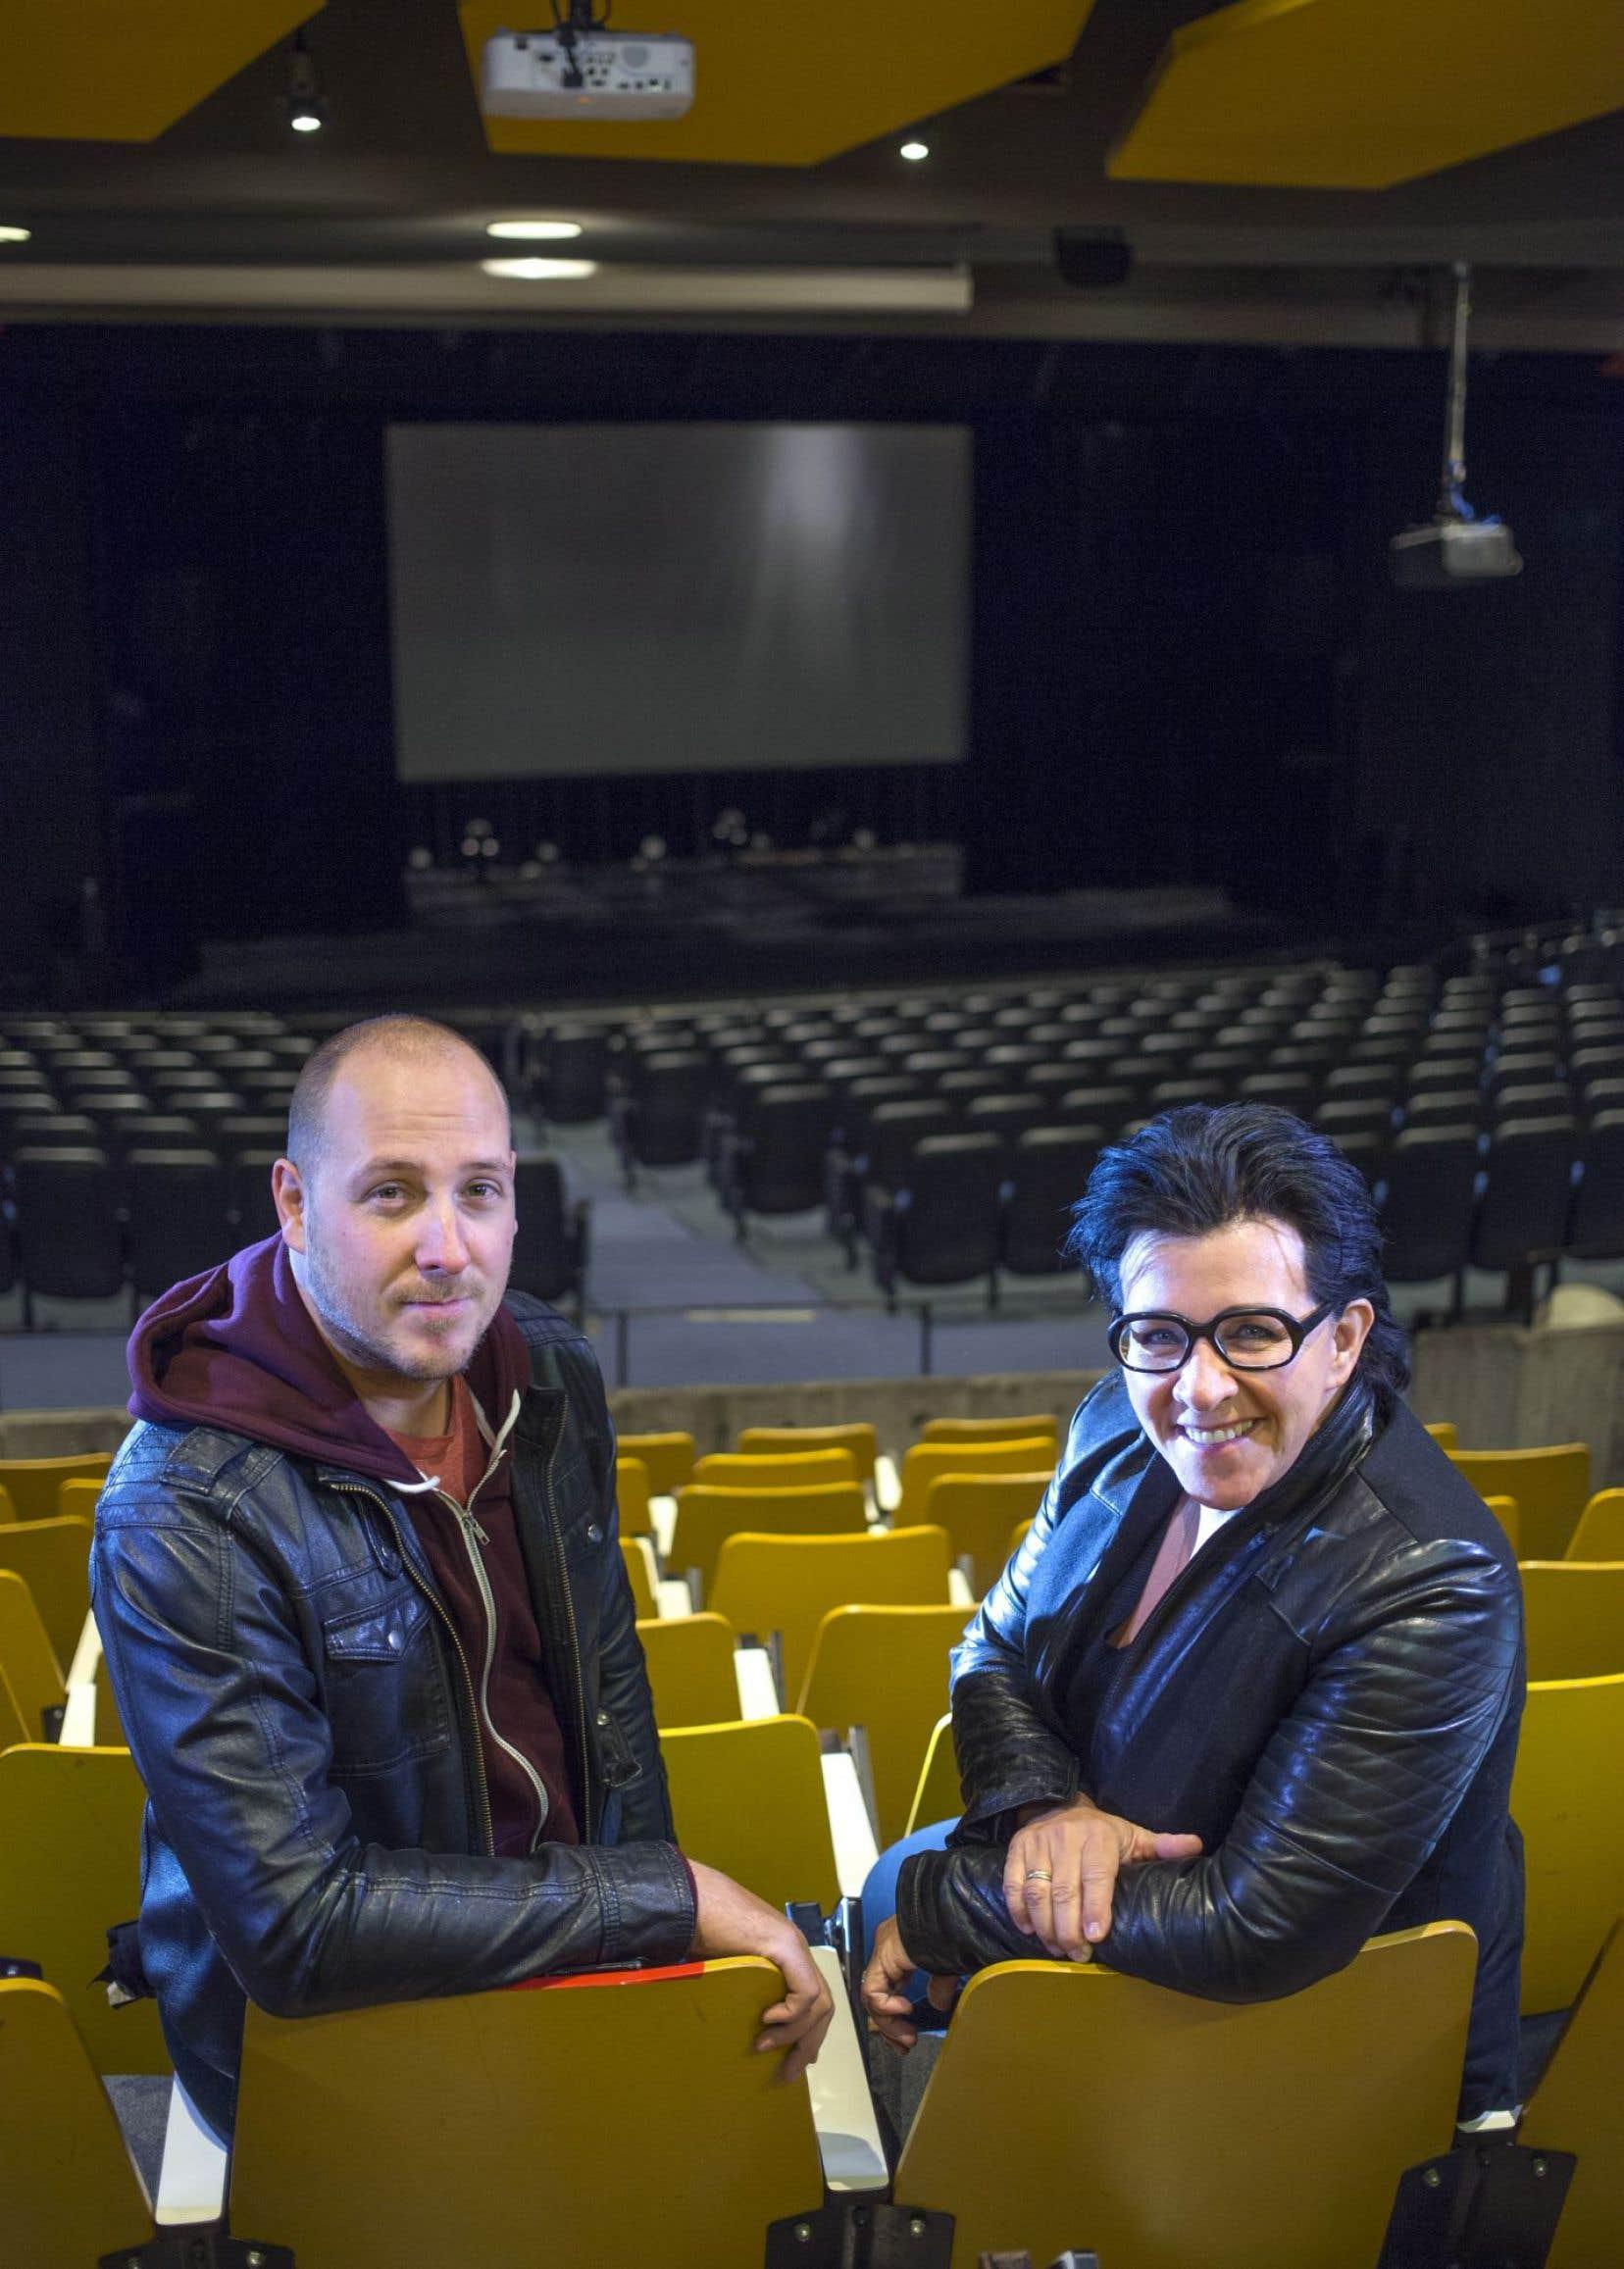 Alex McMahon et Monique Giroux ont assuré la réalisation et la direction artistique du projet. Les voici dans la salle Sylvain-Lelièvre du cégep de Maisonneuve, où l'artiste a enseigné pendant plus de 30 ans.